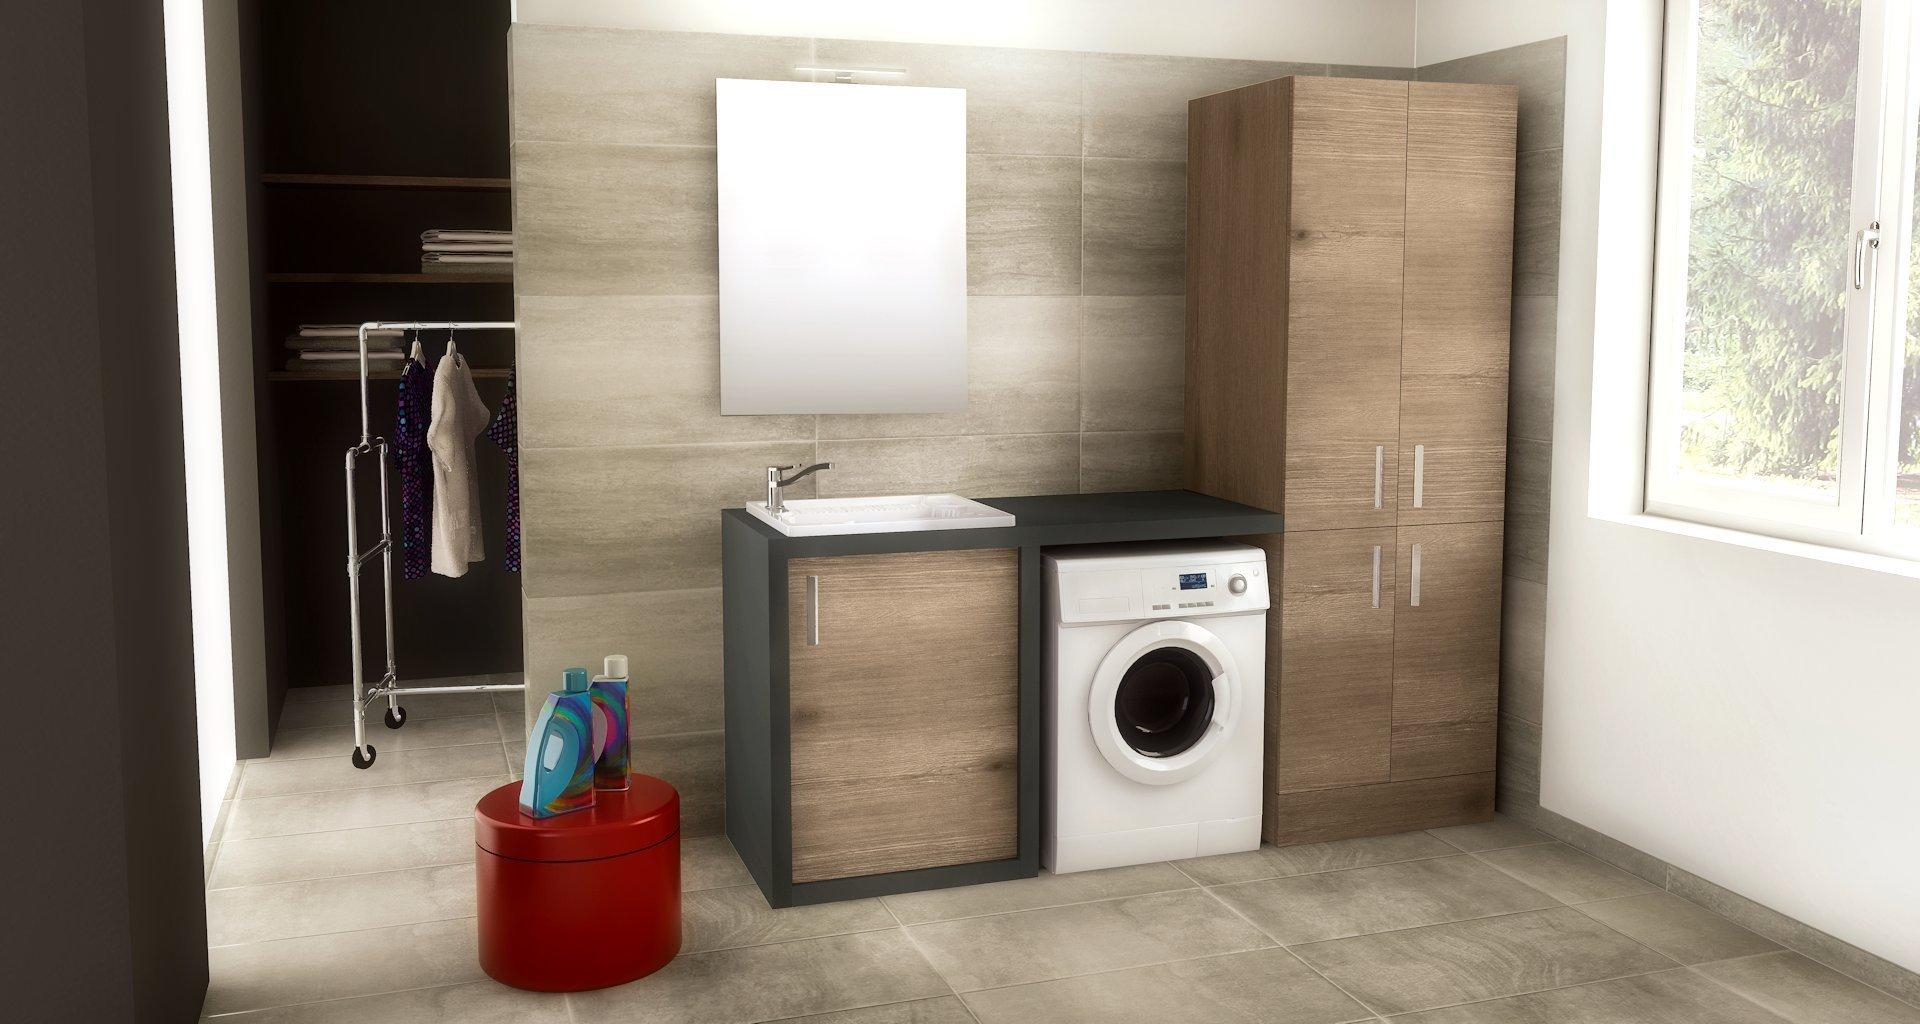 Soluzioni lavatrice in bagno cheap come nascondere la - Lavatrice in bagno soluzioni ...